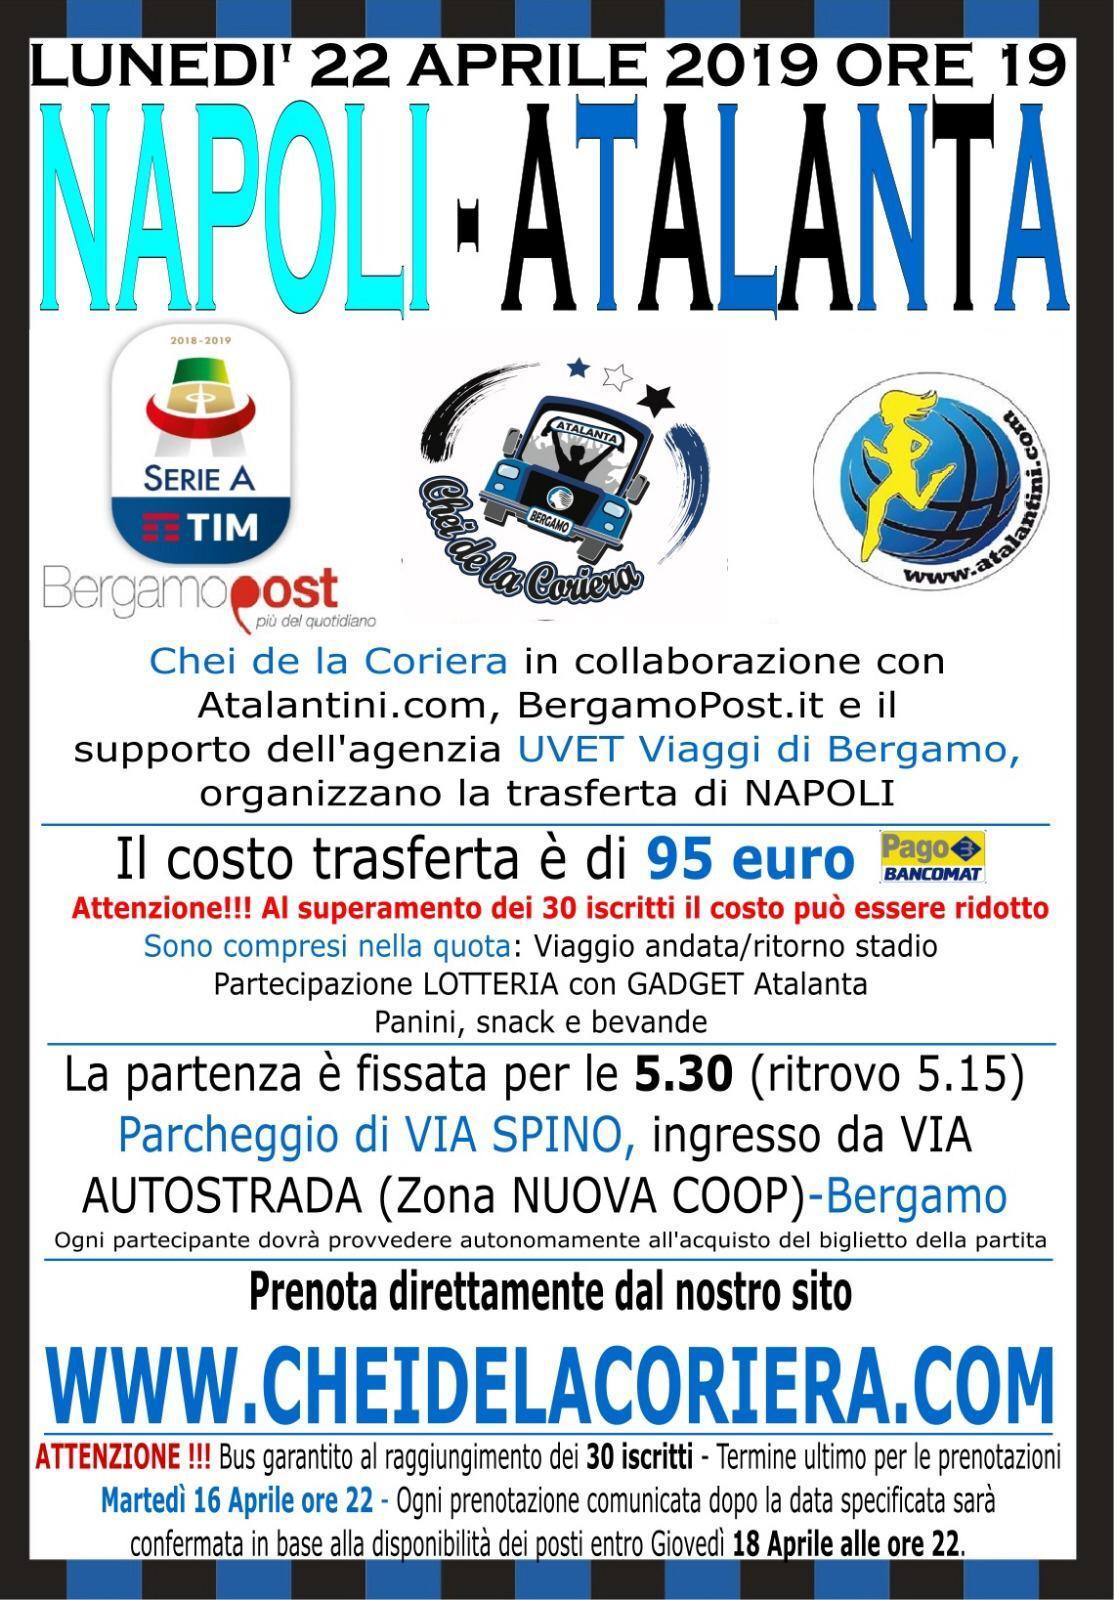 cdc_napata